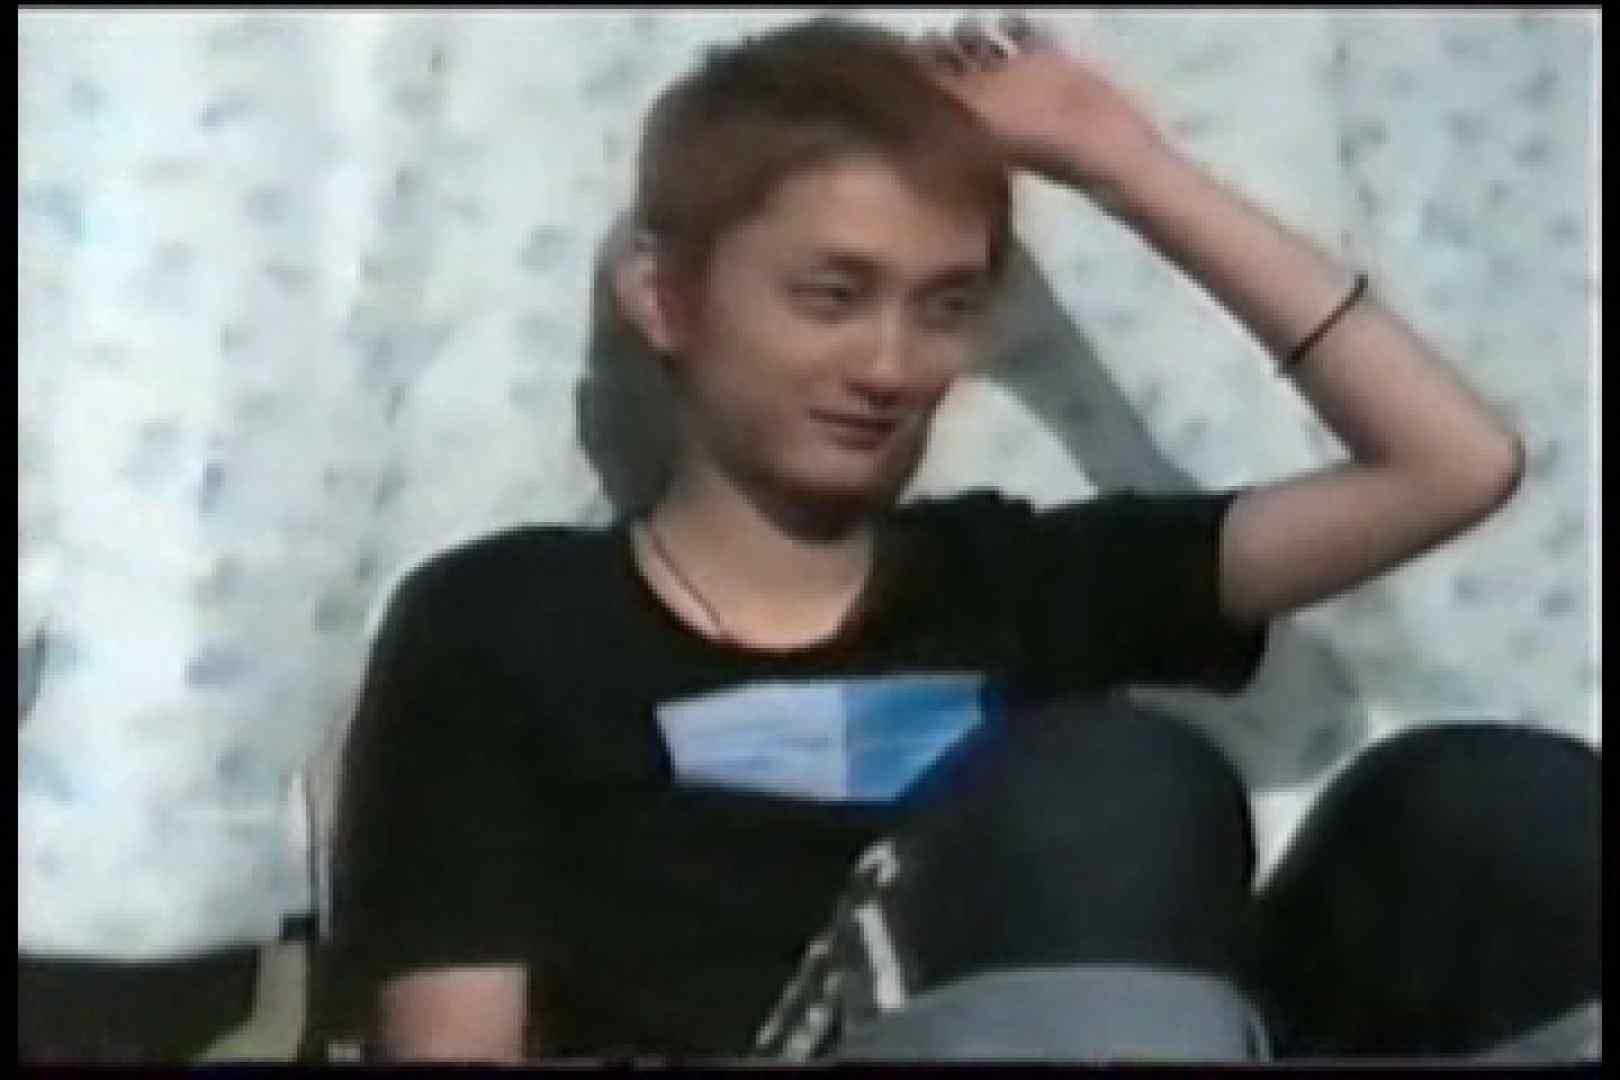 【流出】アイドルを目指したジャニ系イケメンの過去 射精 GAY無修正エロ動画 107枚 40